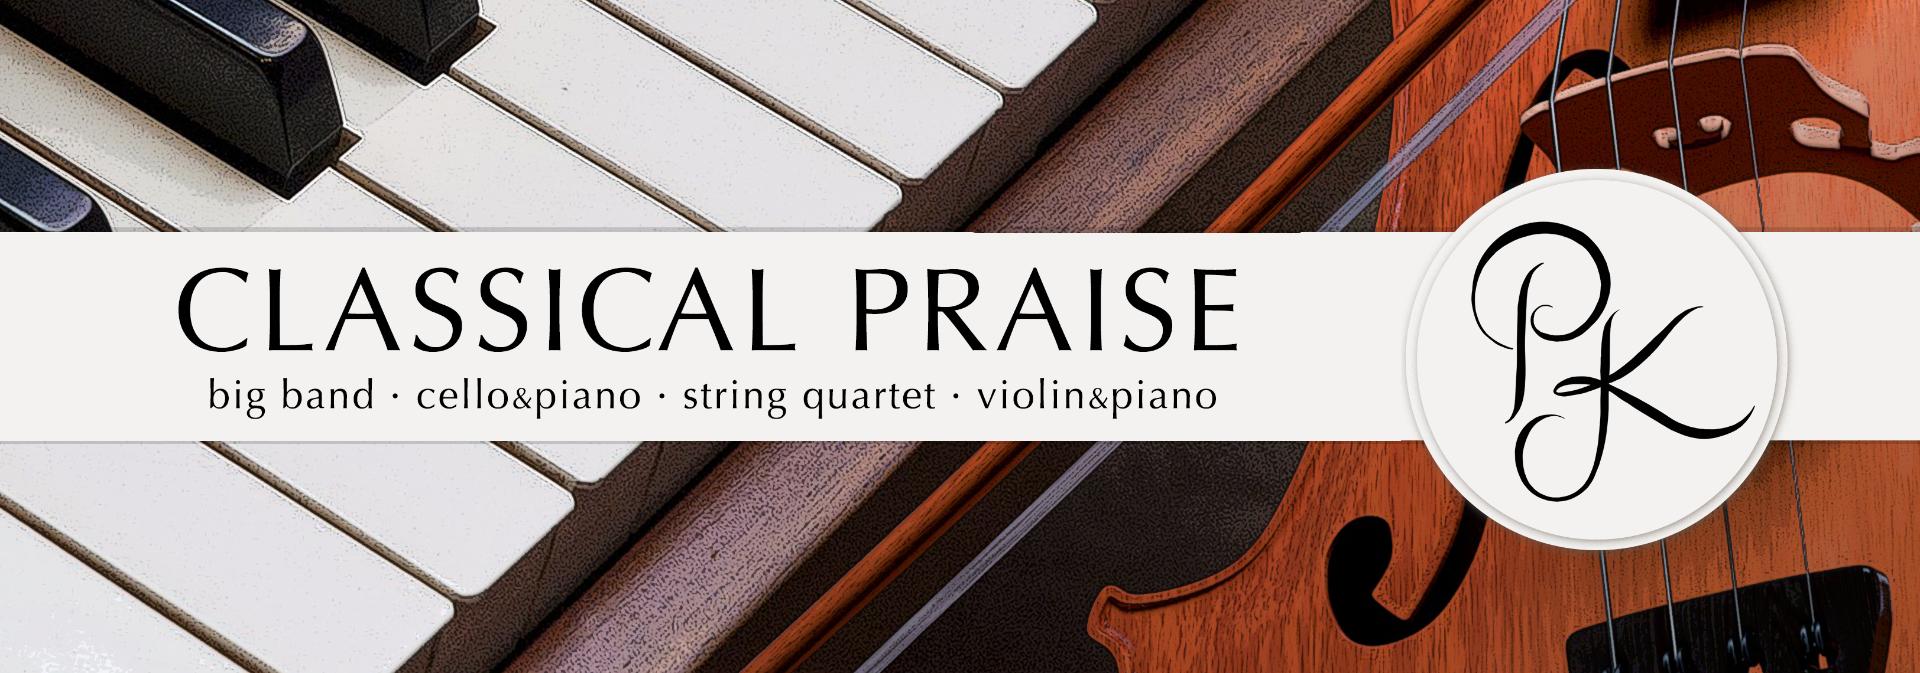 classical praise graphic